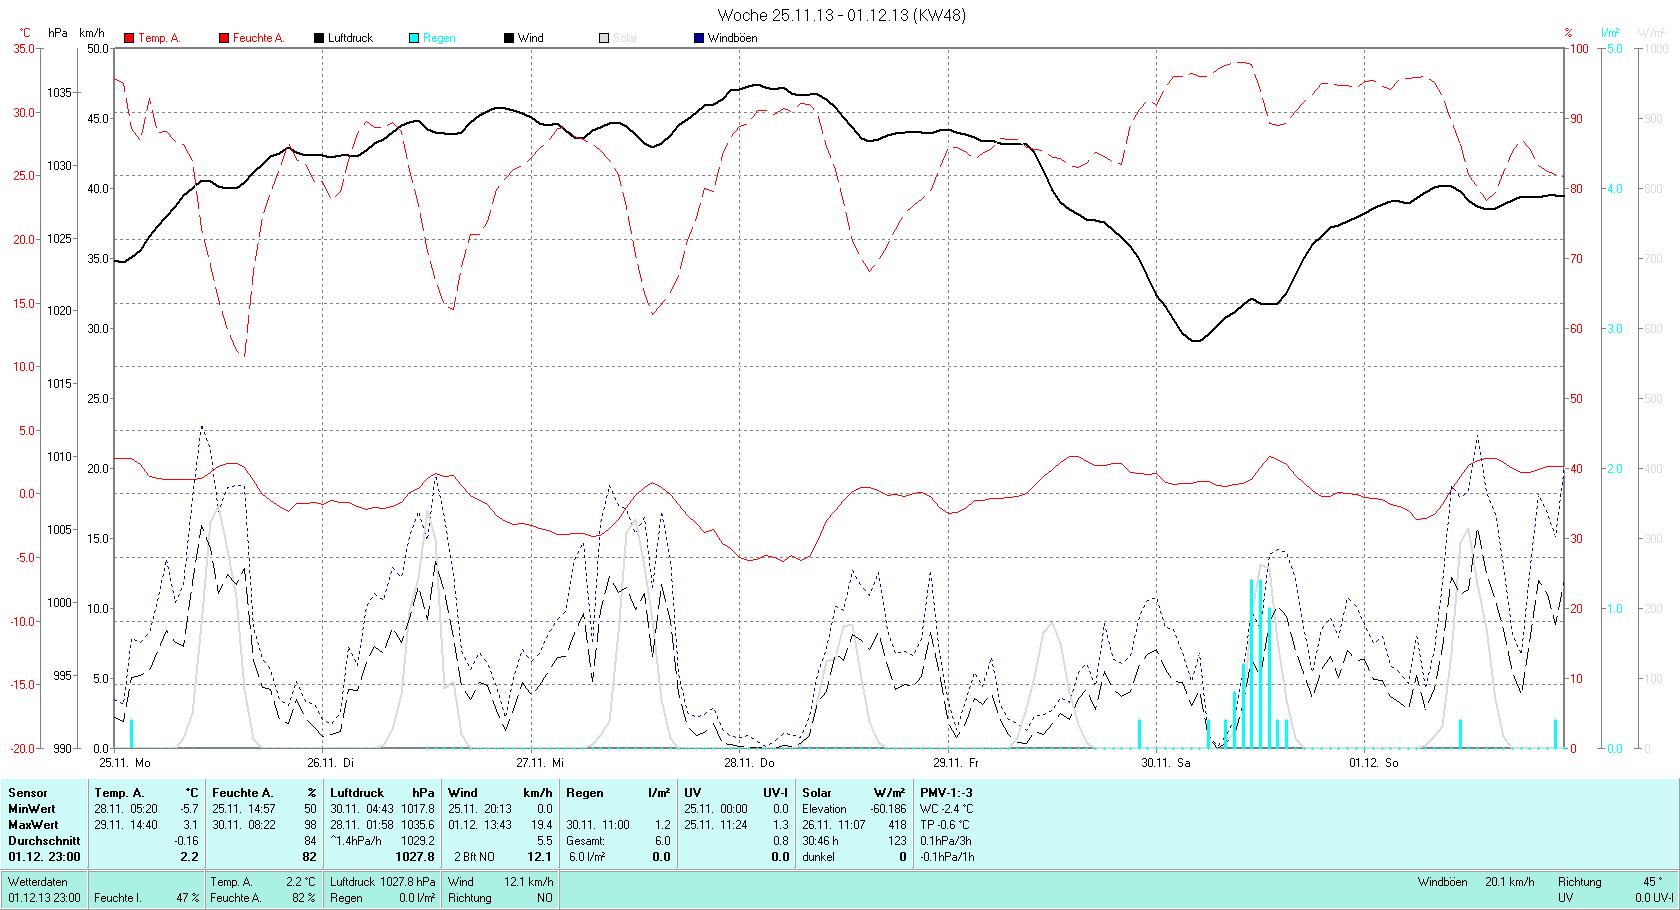 KW 48 Tmin -5.7°C, Tmax 3.1°C, Sonne 19:34h, Niederschlag 6.0mm/2